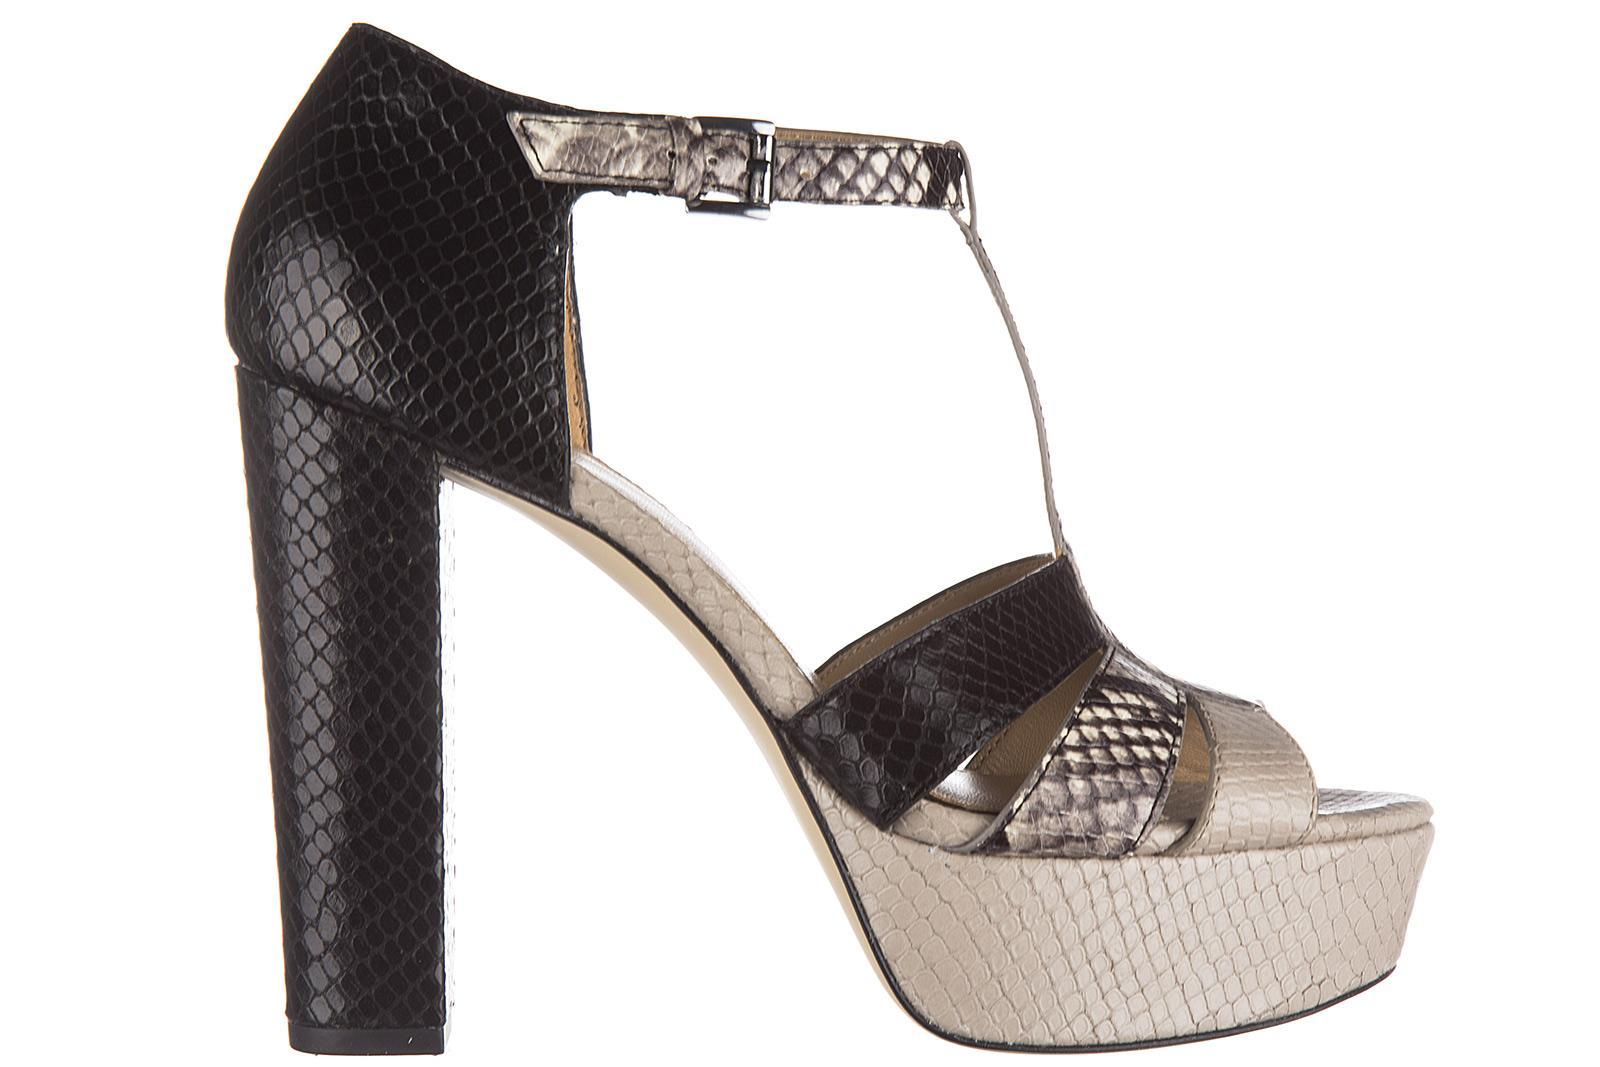 Michael Kors Women's Leather Heel Sandals Mercer In Black